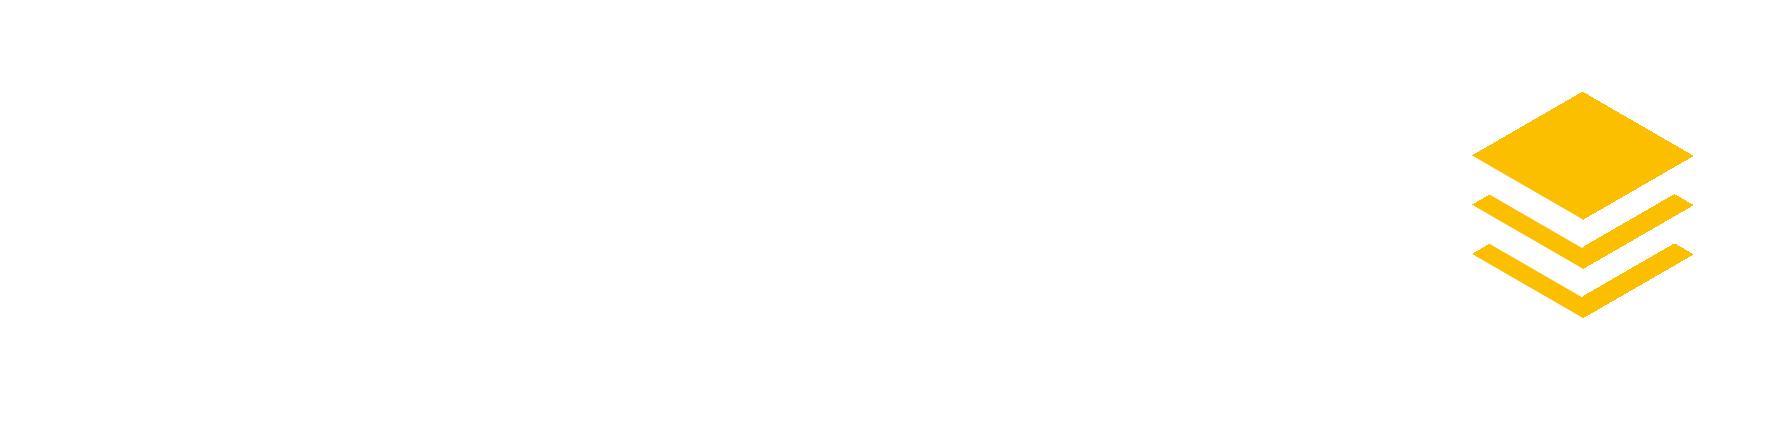 Datore - Smart Data